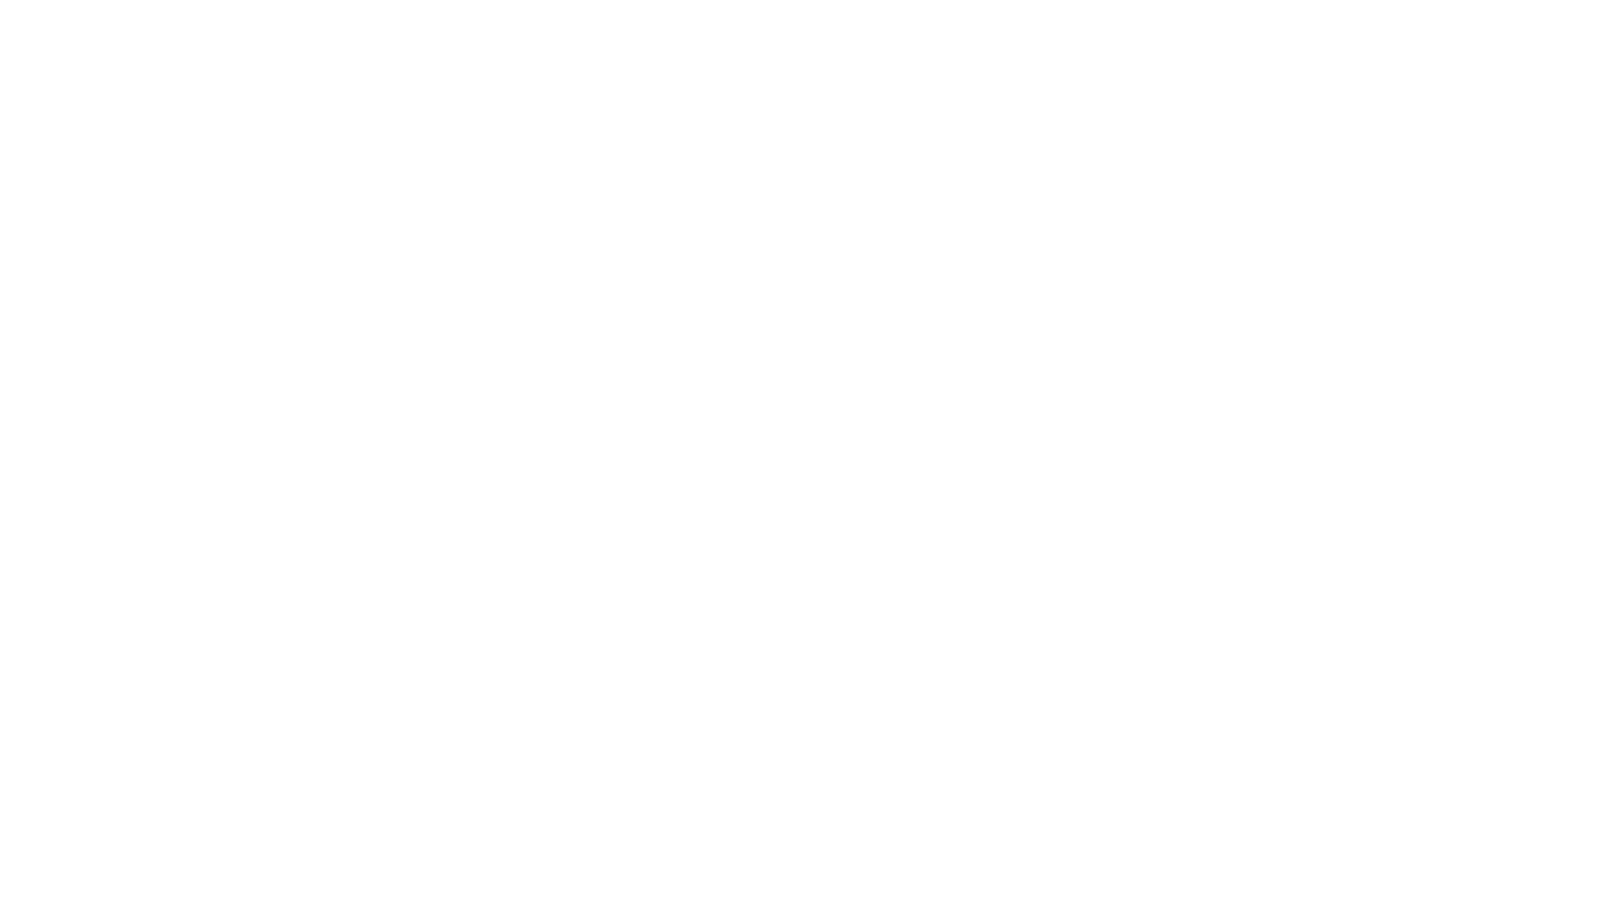 👉 Ofertas Super Maxi Terça e Quarta Sacolão, válidas enquanto durarem os estoques, somente nos dias 11/05 a 12/05/2021 Confira nossas ofertas:  💻 Acesse: https://redesupermaxi.com.br/nossas-ofertas/ #supermaxi #supermercado #uberlandia #uberaba #montealegre #tercaequartasacolao